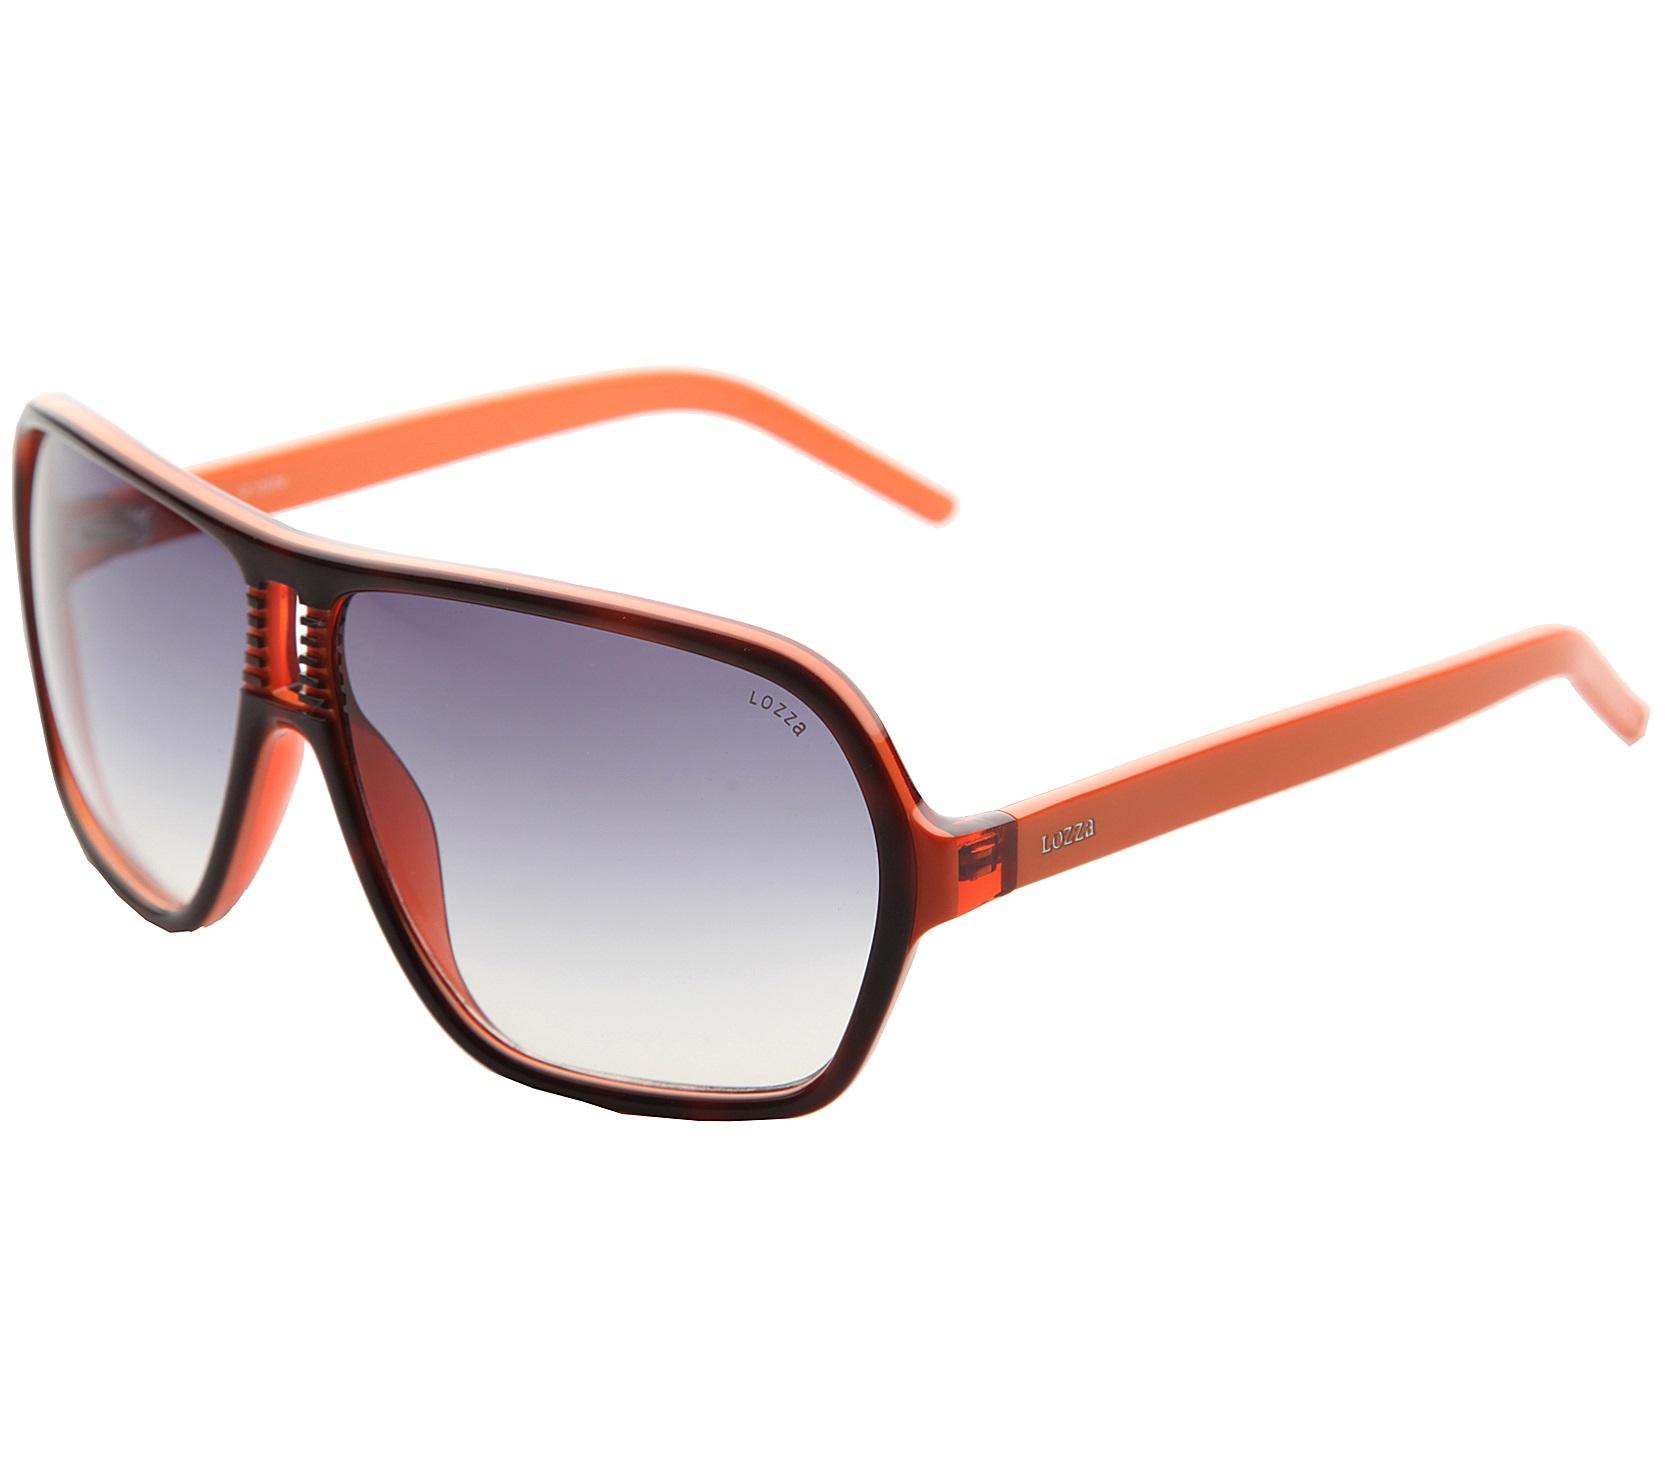 Sunglasses Lozza SL1964 620763 Rf600305